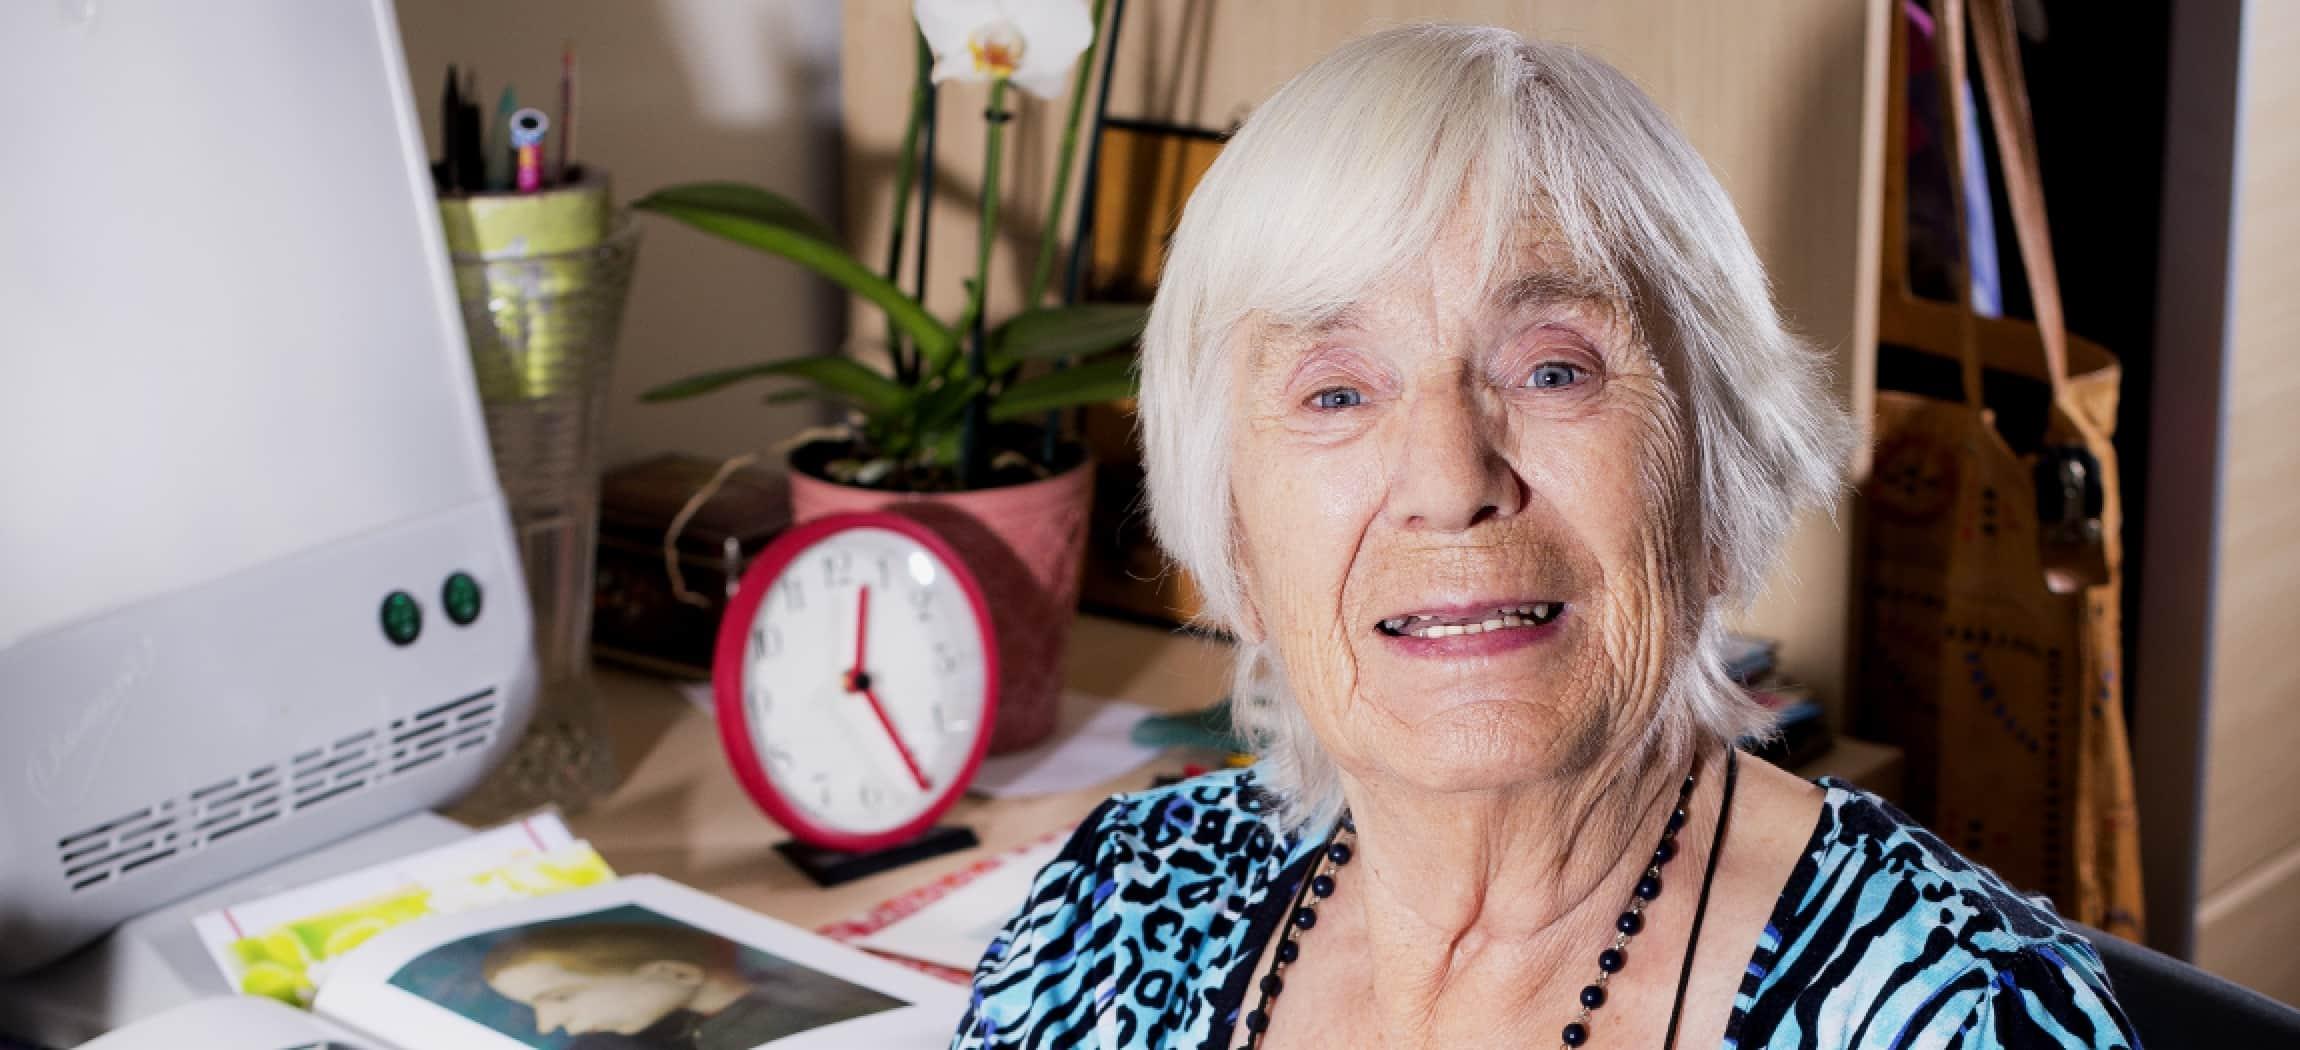 Mevrouw Griffioen woont in verzorgingshuis Eigen Haard Zwanenburg - uit de serie Mensen van Amstelring